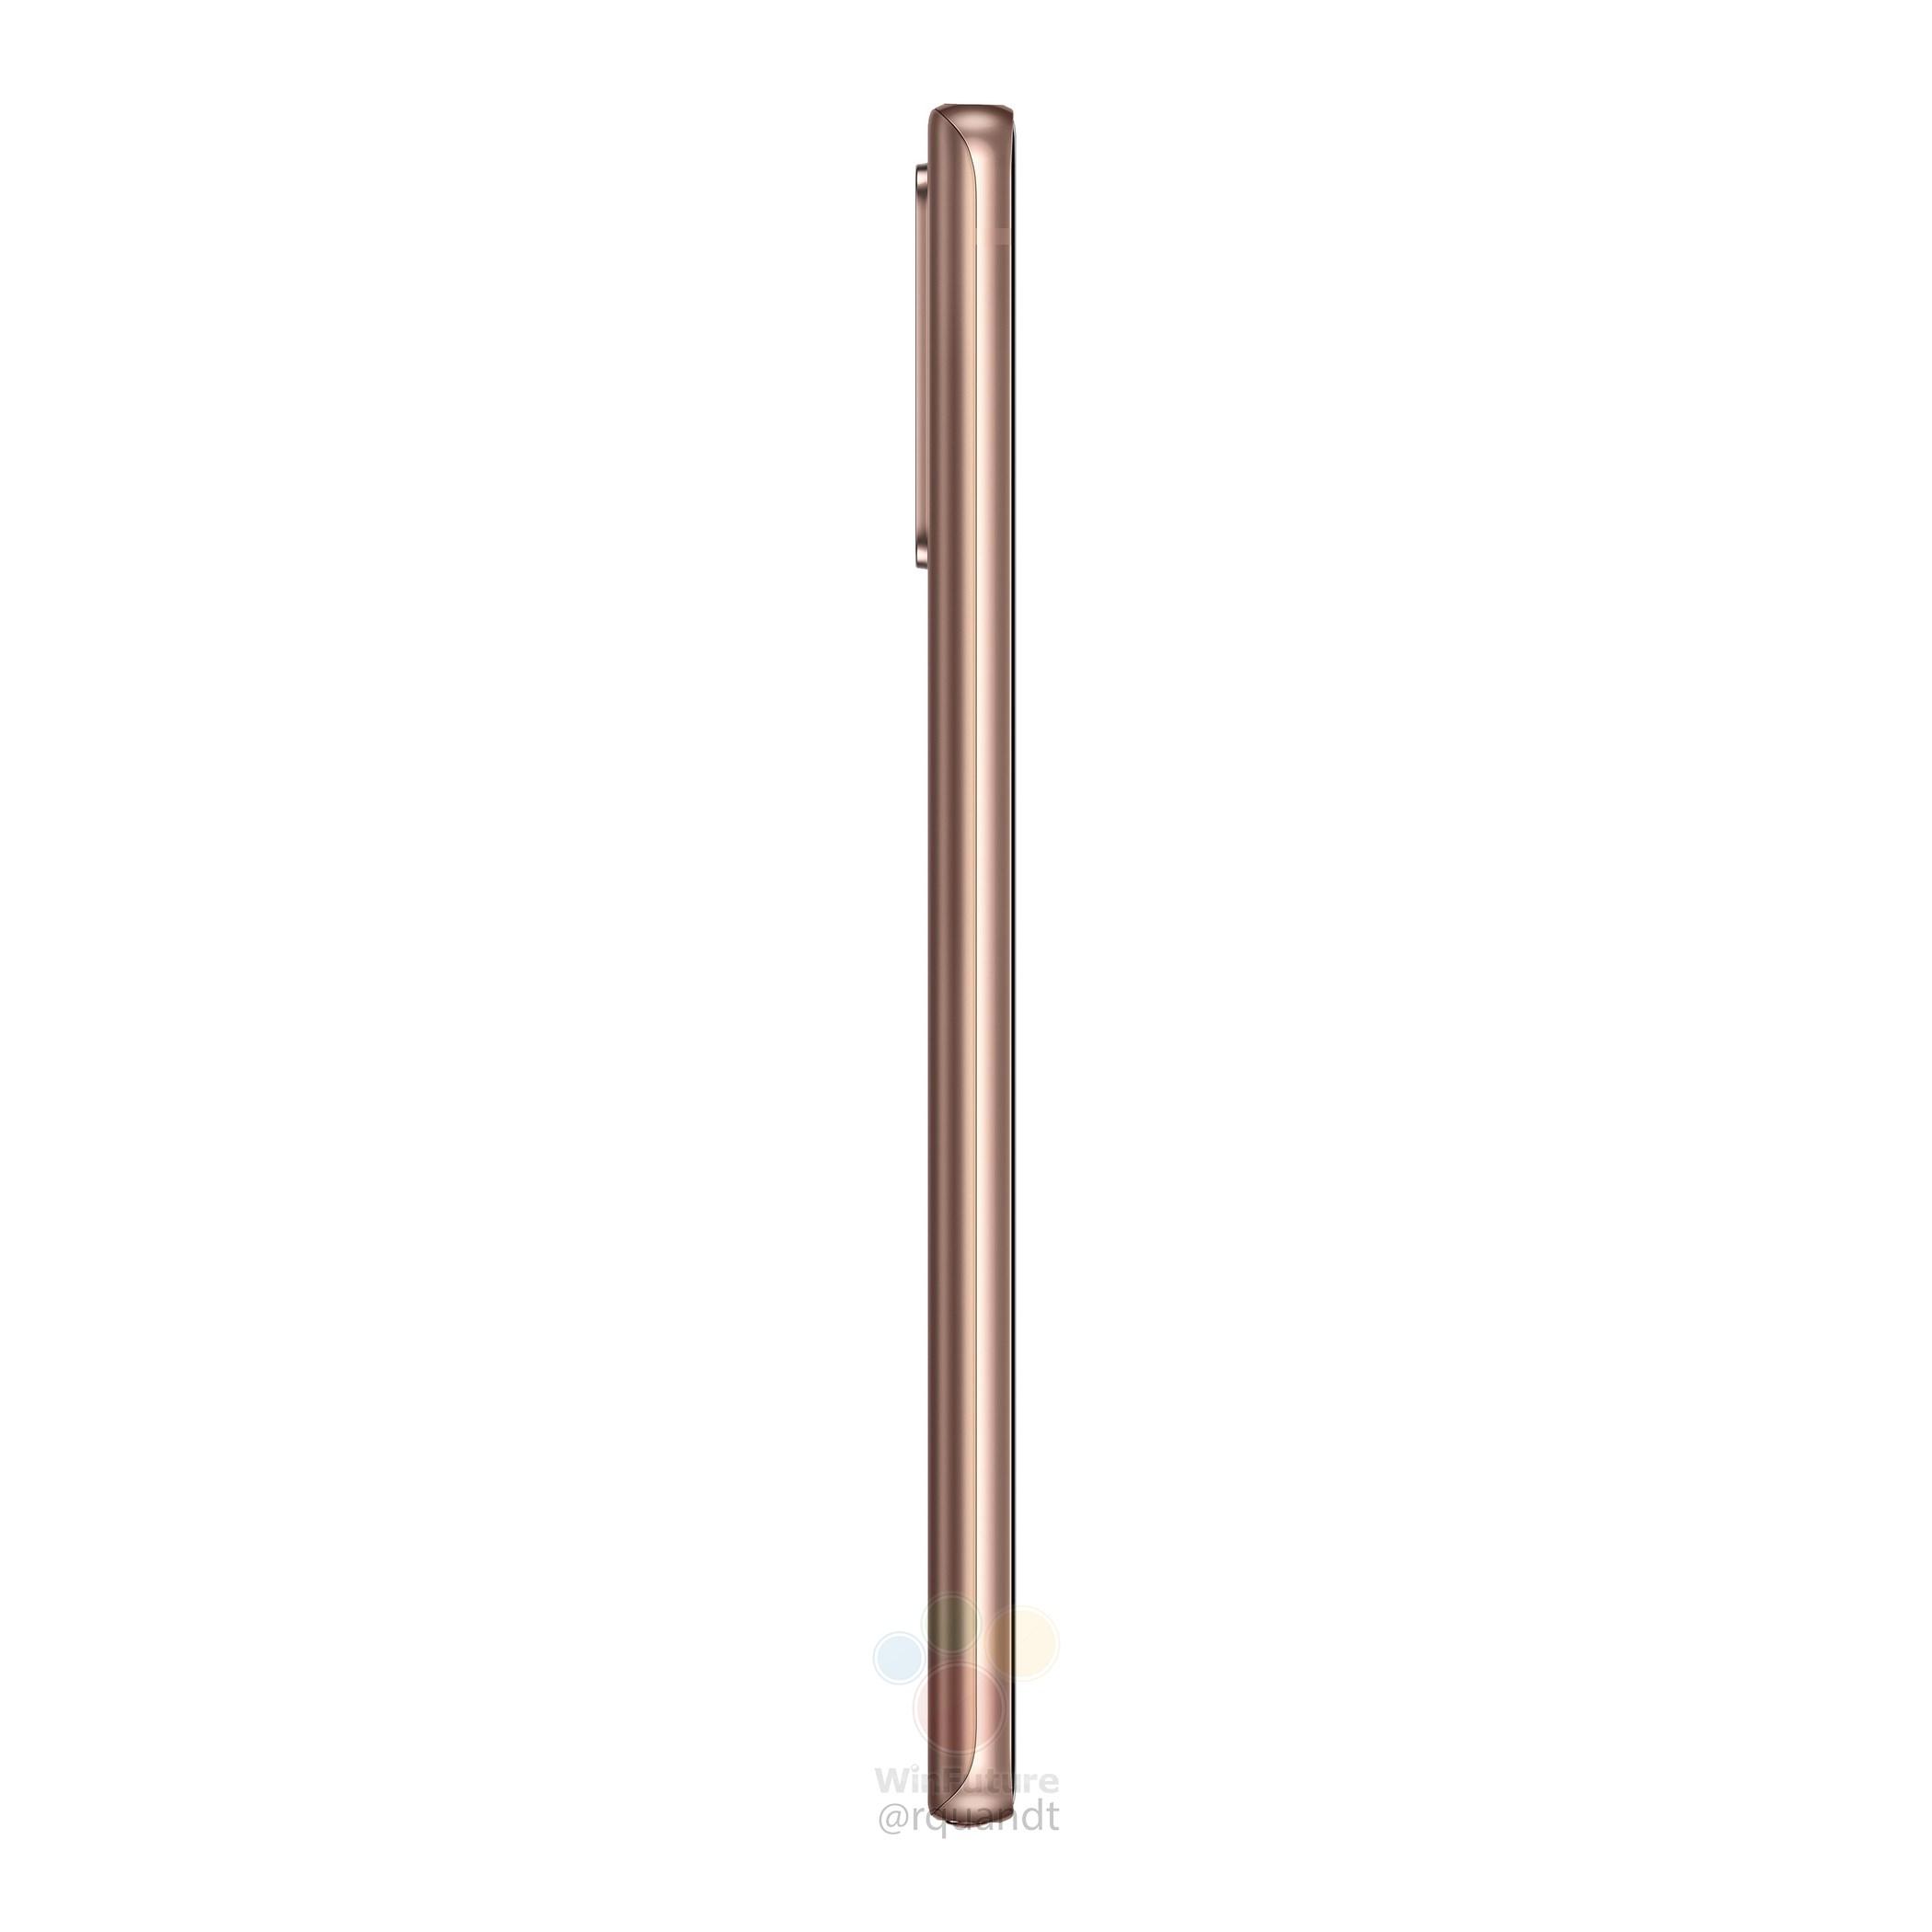 Rò rỉ về dung lượng pin sạc của Galaxy Note 20 có khiến bạn thất vọng 3